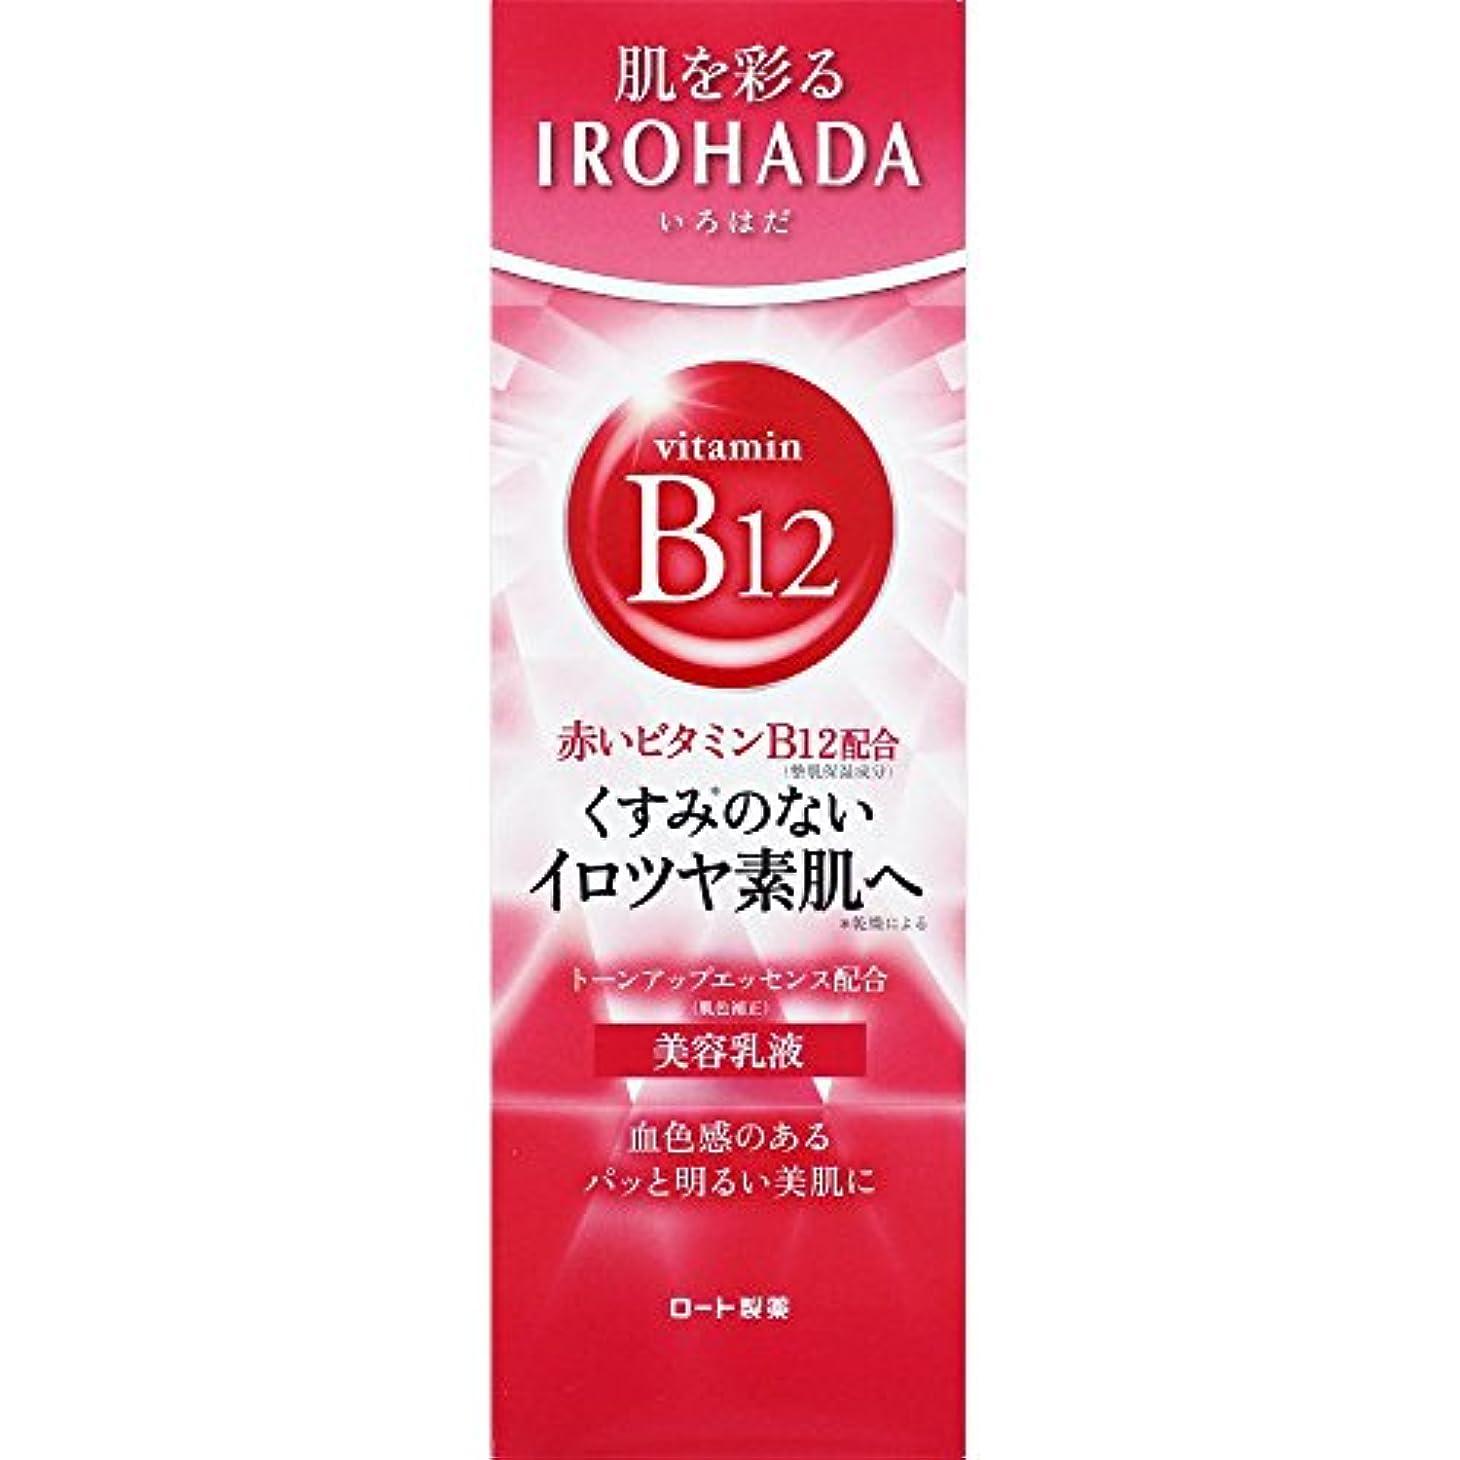 ベギンルネッサンス夕方ロート製薬 いろはだ (IROHADA) 赤いビタミンB12×スクワラン配合 美容乳液 110g